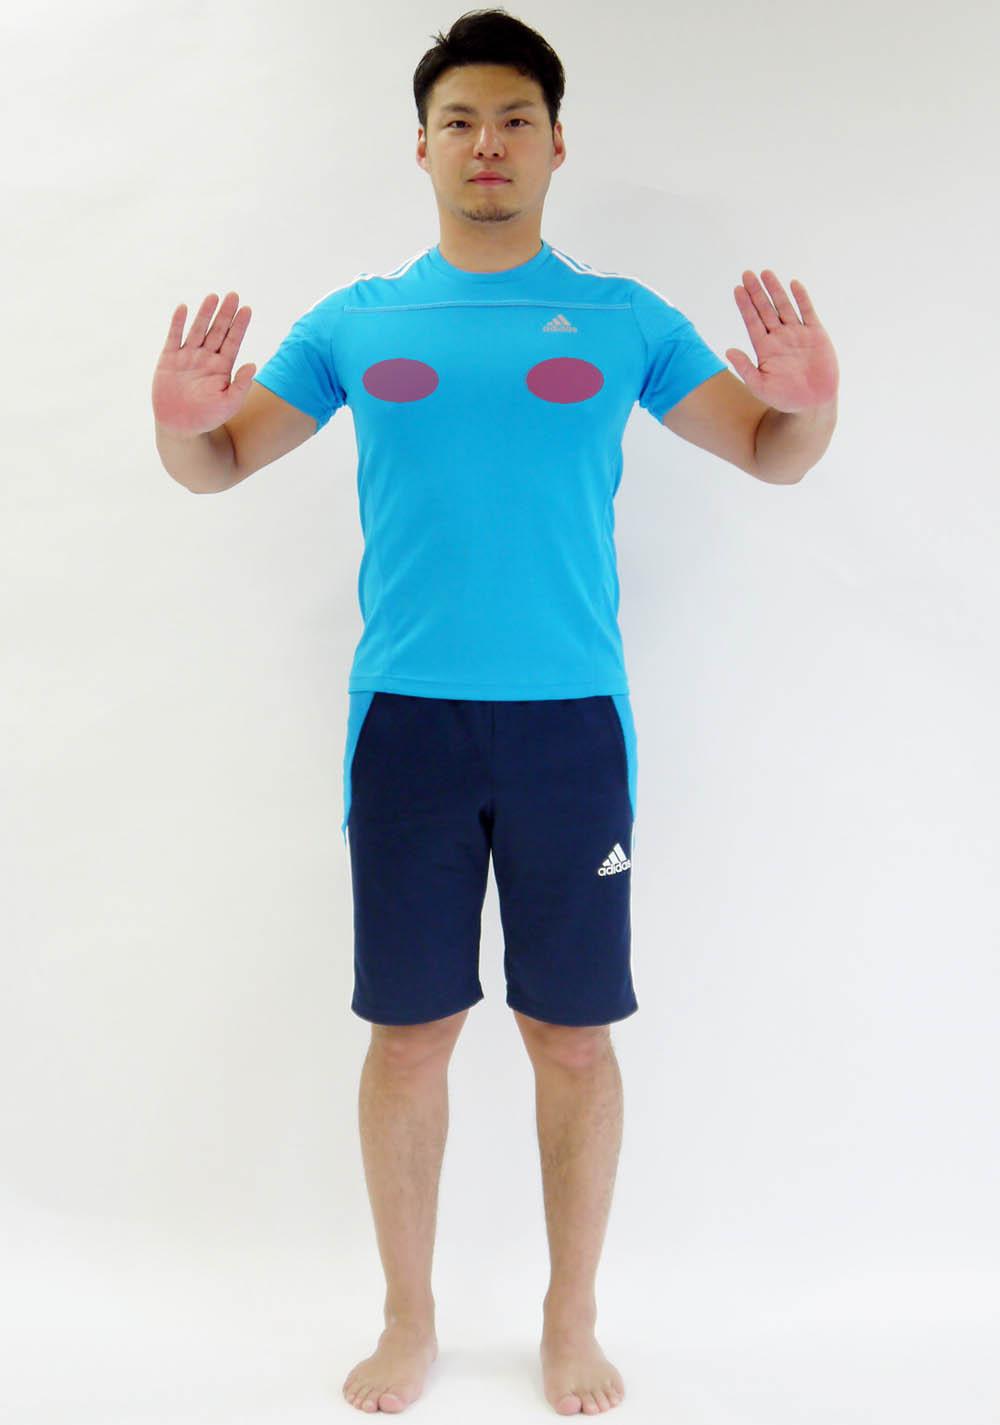 大胸筋中央のコピー